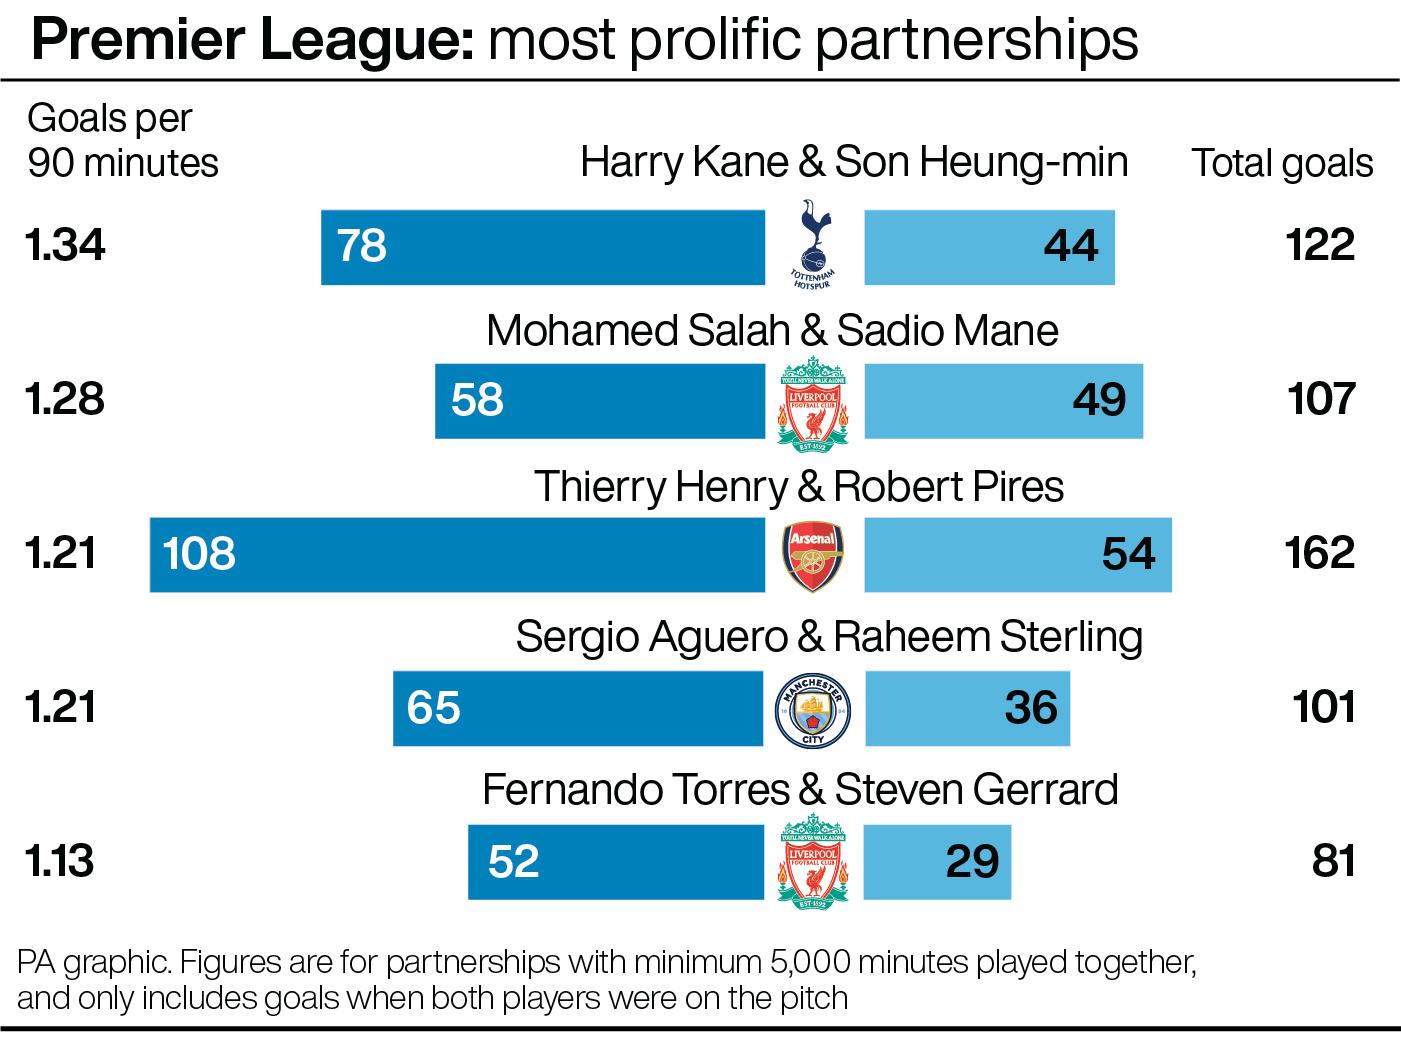 Premier League: Most prolific partnerships